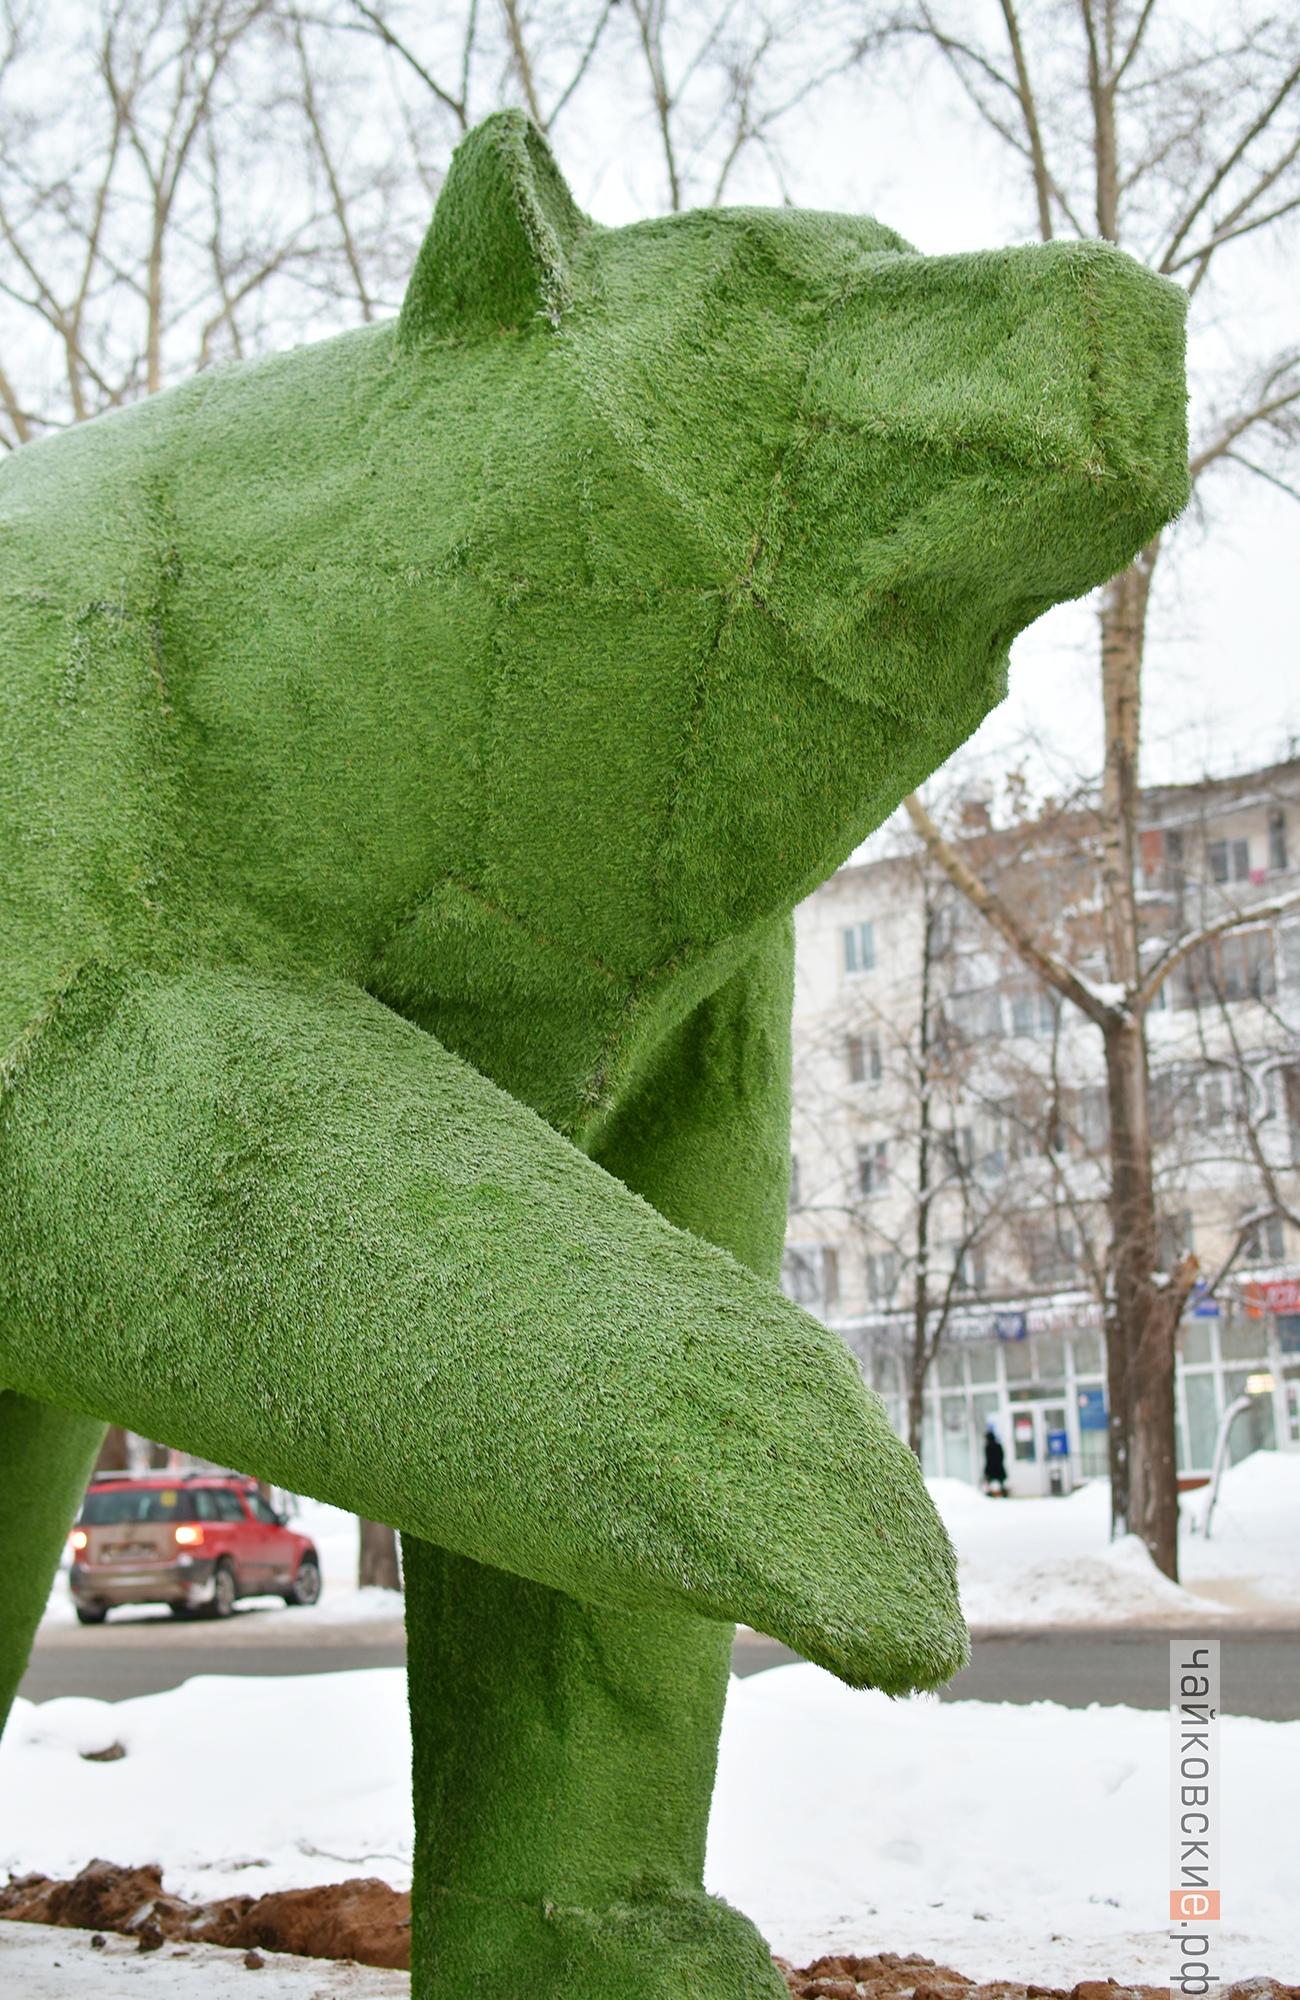 арт-объект, чайковский район, 2020 год